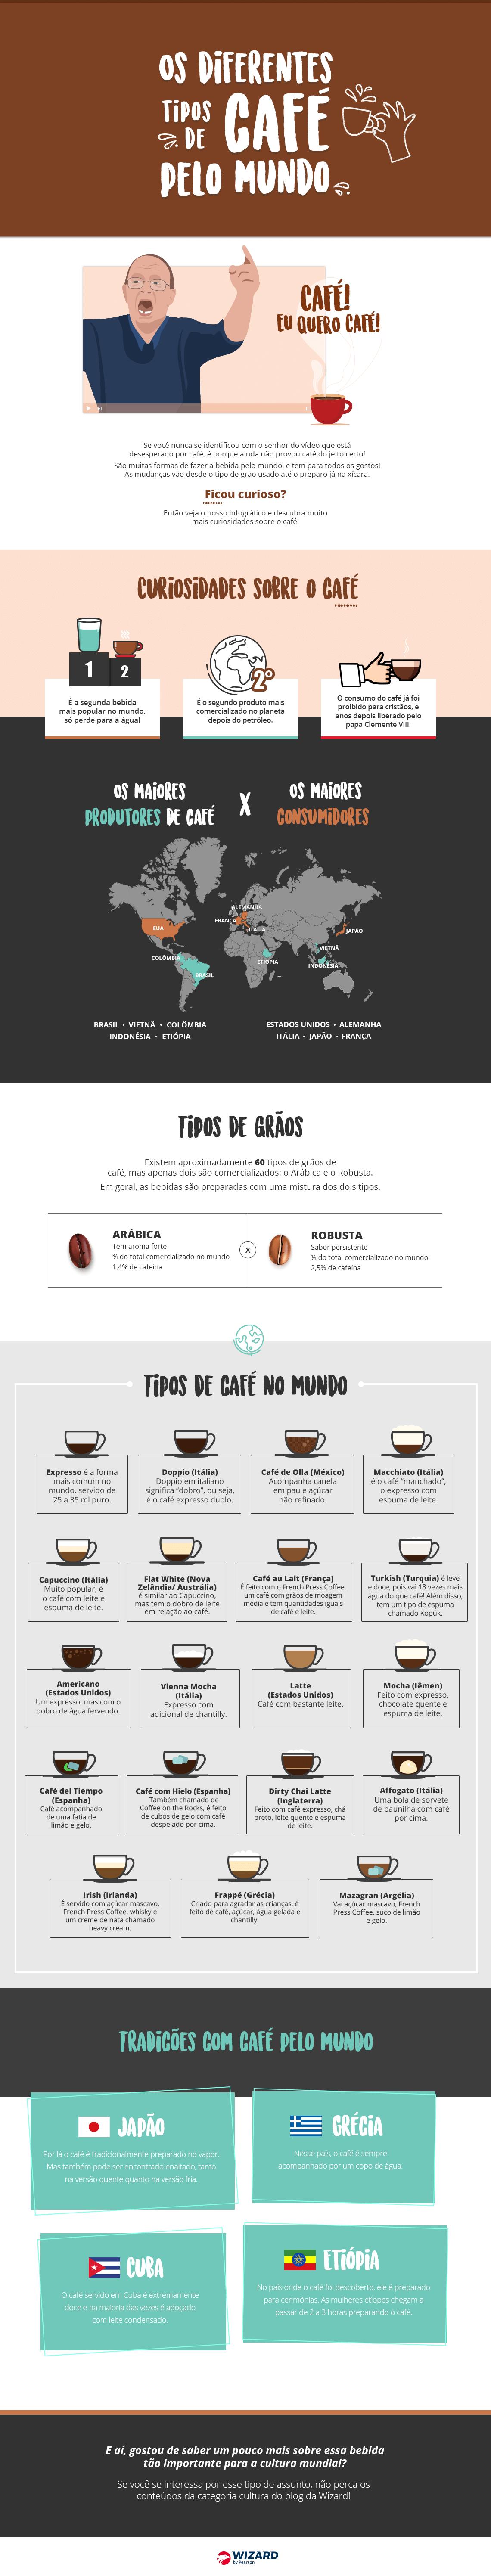 curiosidades sobre o café no mundo